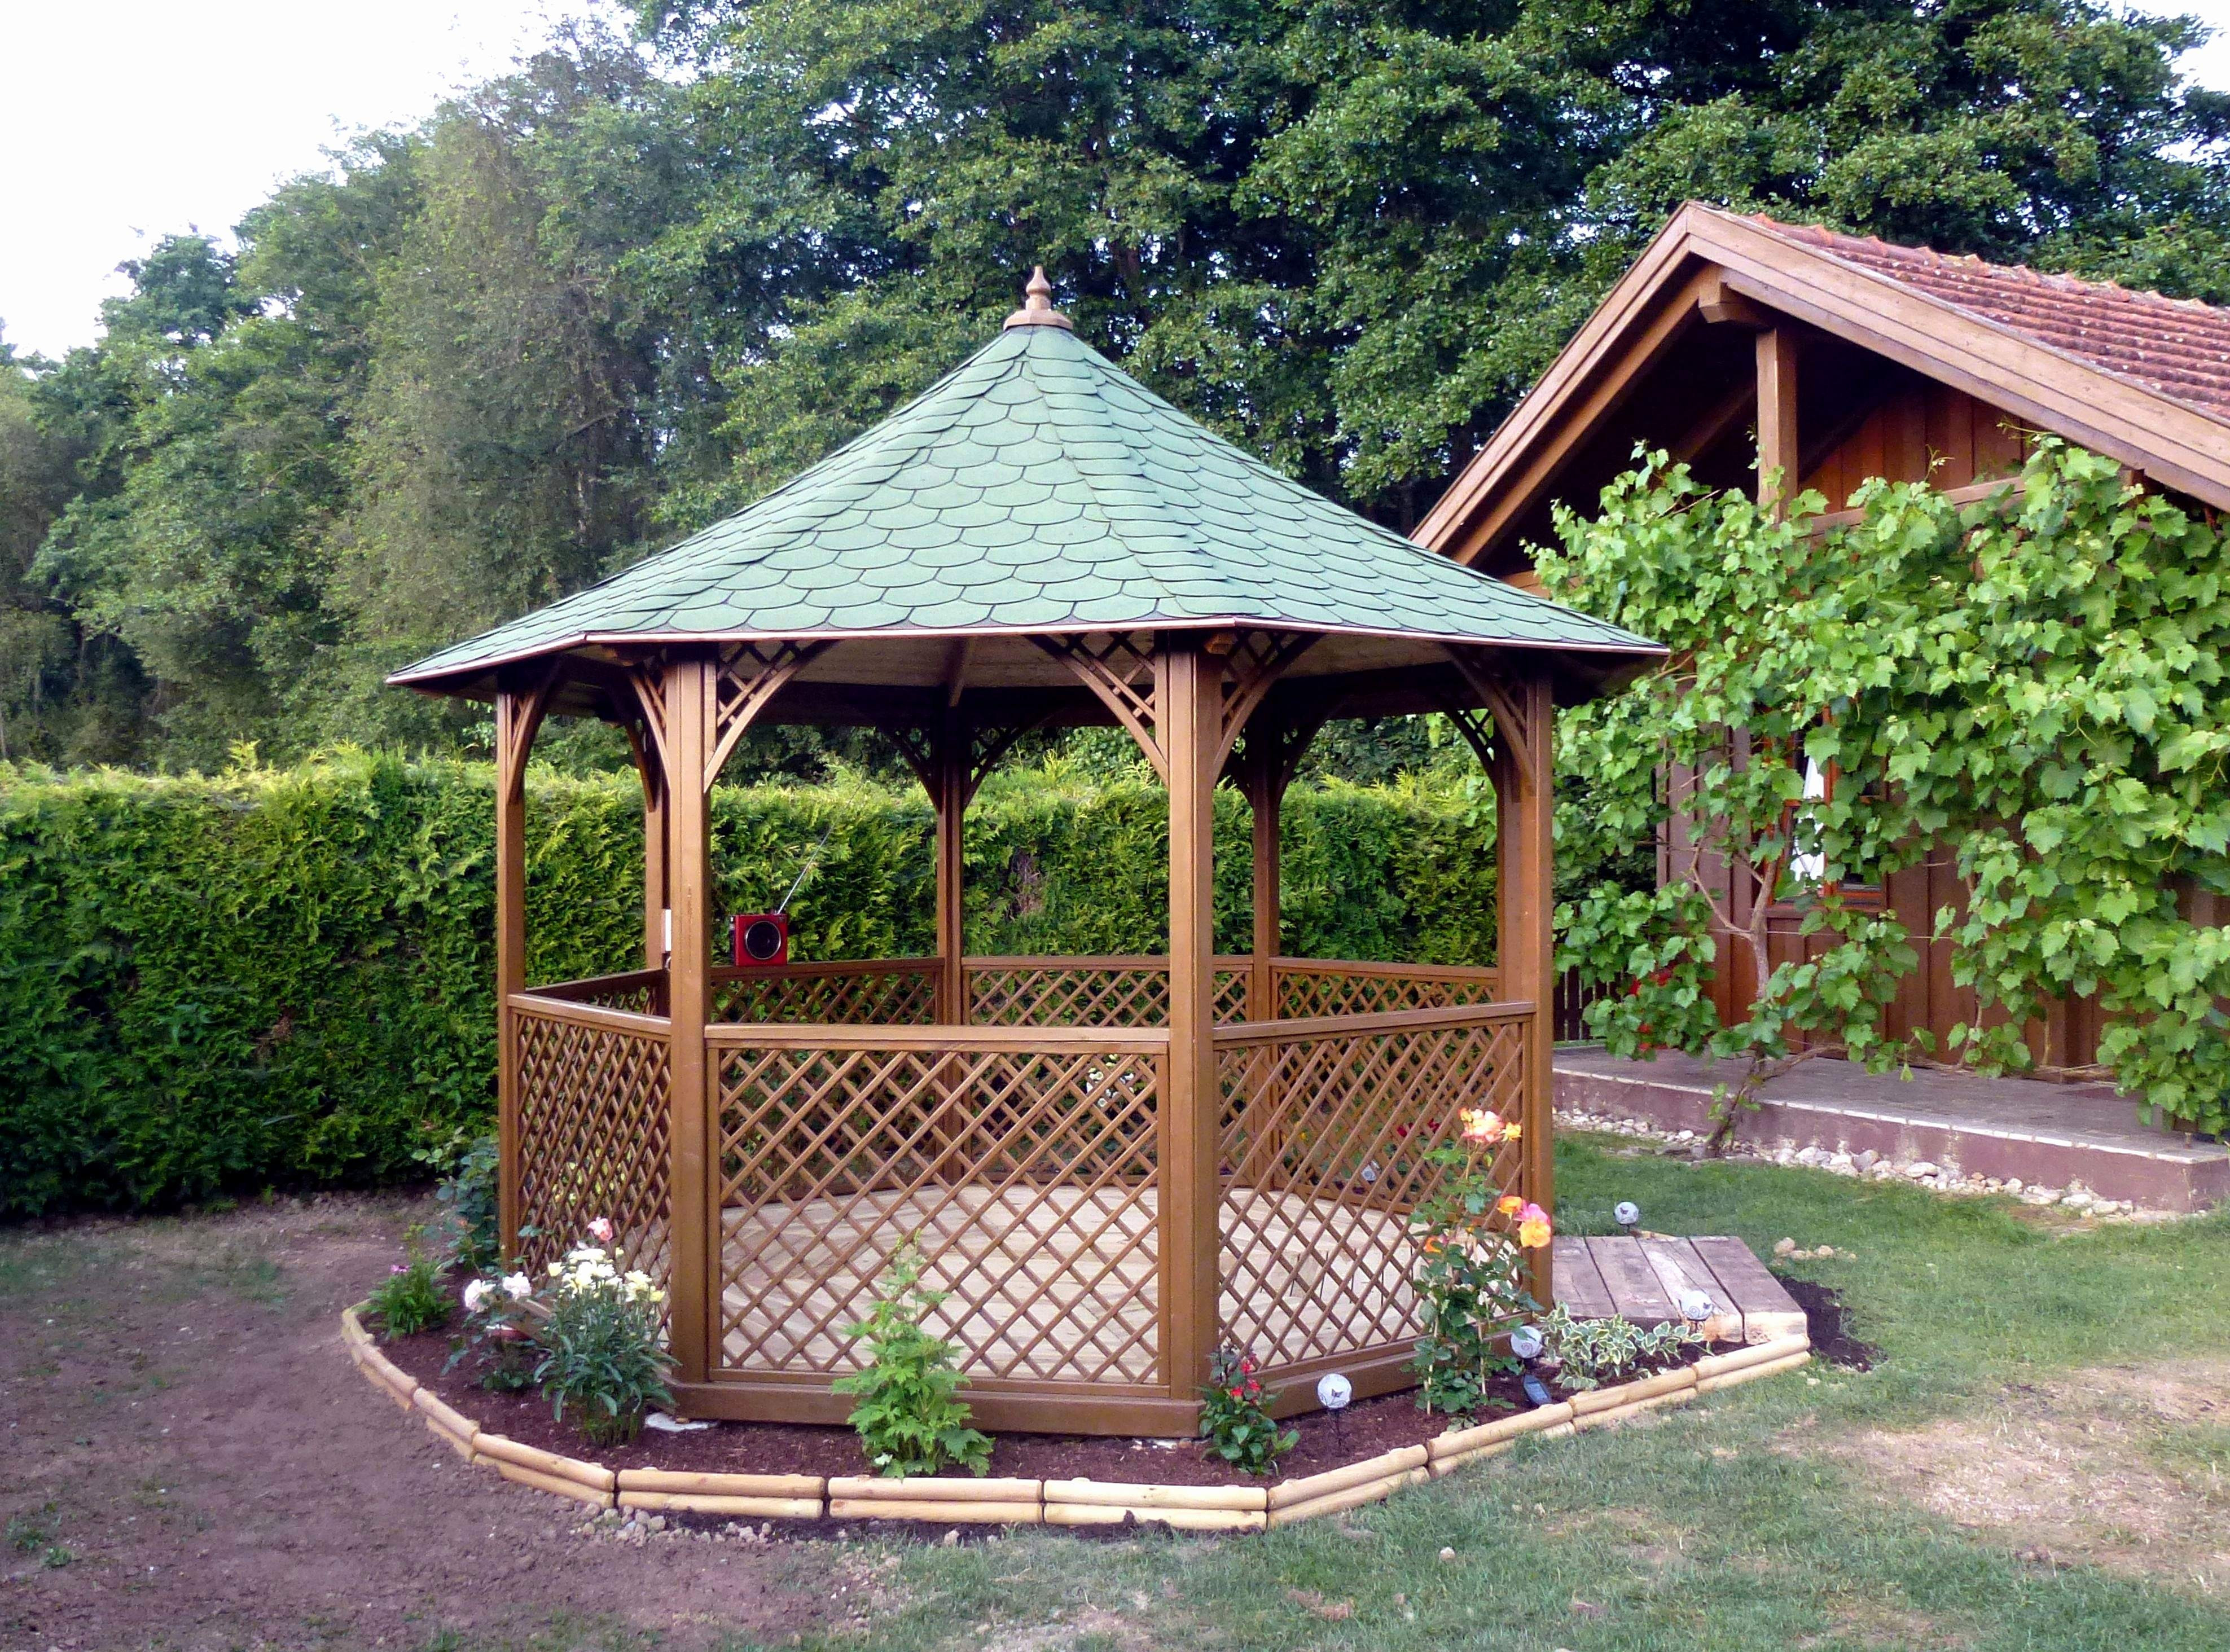 Destockage Abris De Jardin Impressionnant Photographie La Plus De Cabanon Jardin Occasion Dessin En Les Parlement